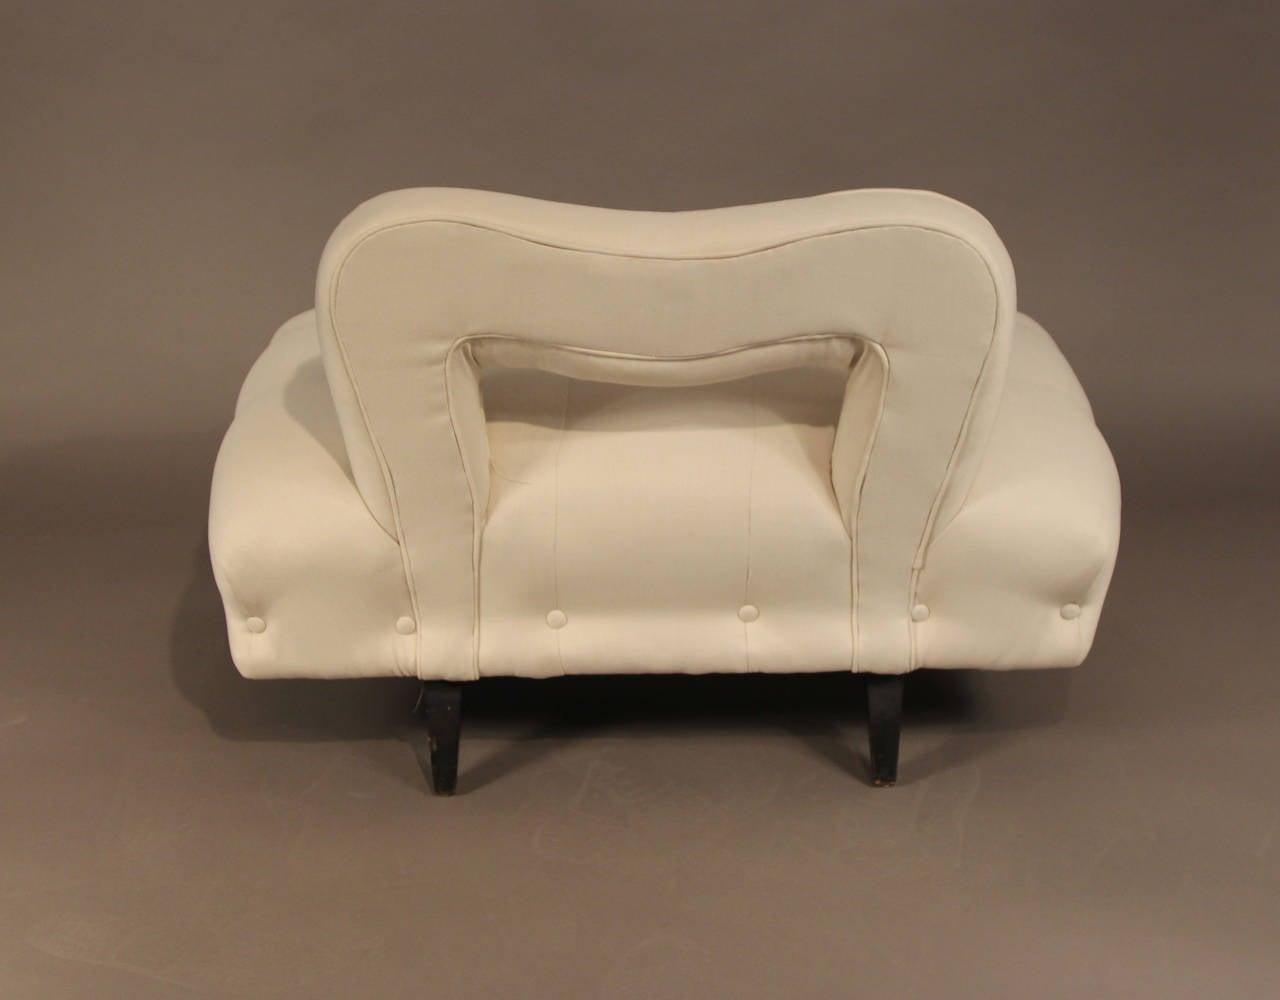 James mont divan settee for sale at 1stdibs for Divans for sale